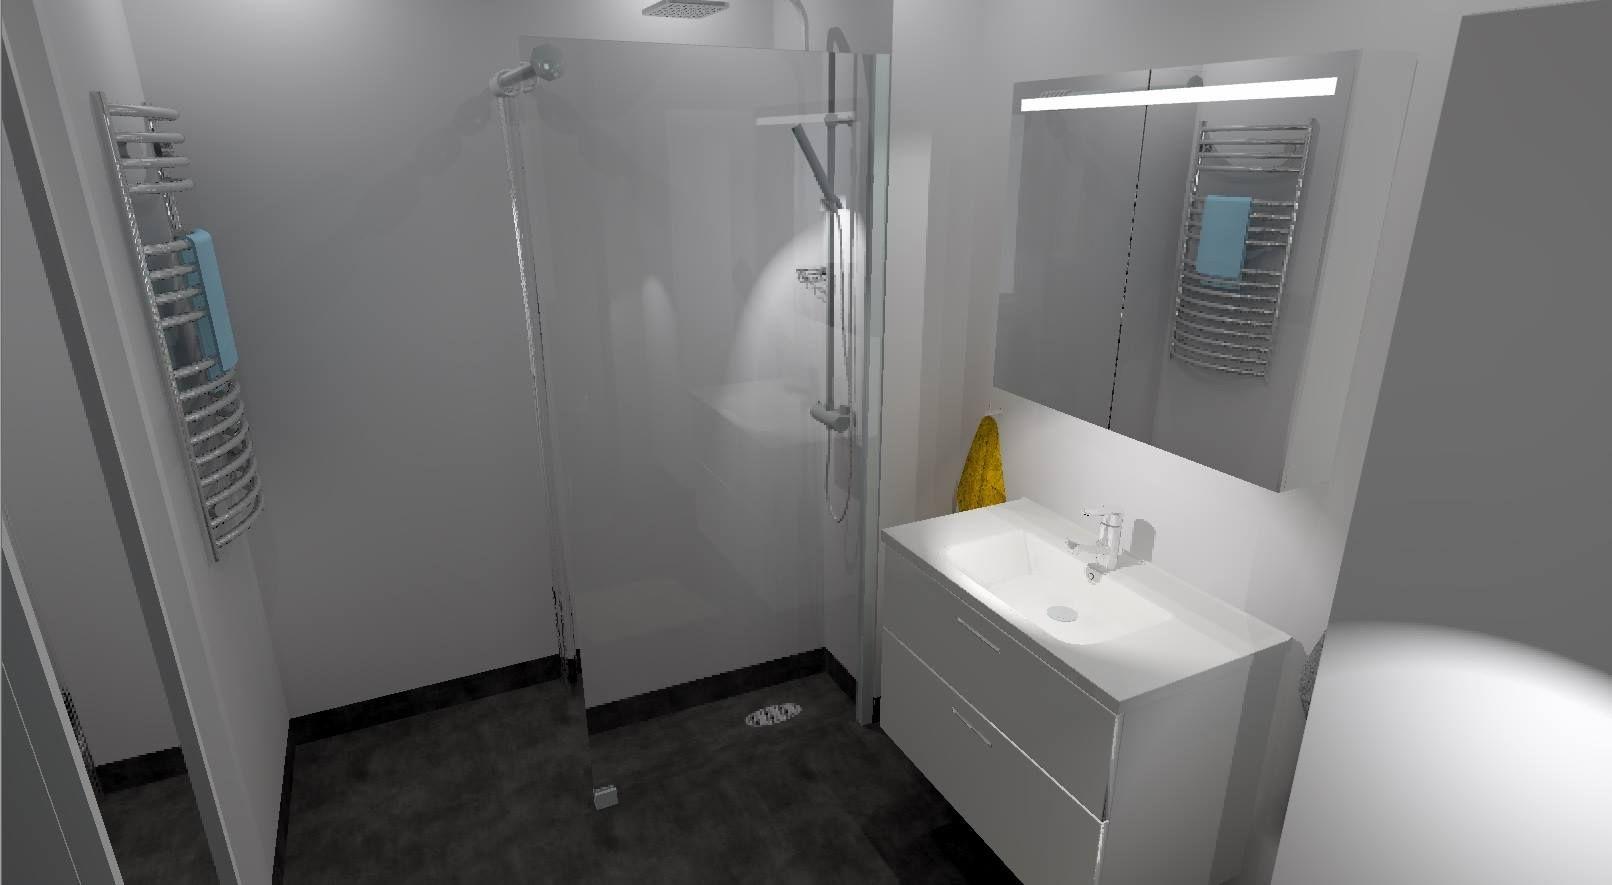 Inredning kakla på våtrumsmatta : VÃ¥trumsmatta pÃ¥ vägg & golv! | 3D inspiration | Pinterest | Sauna ...